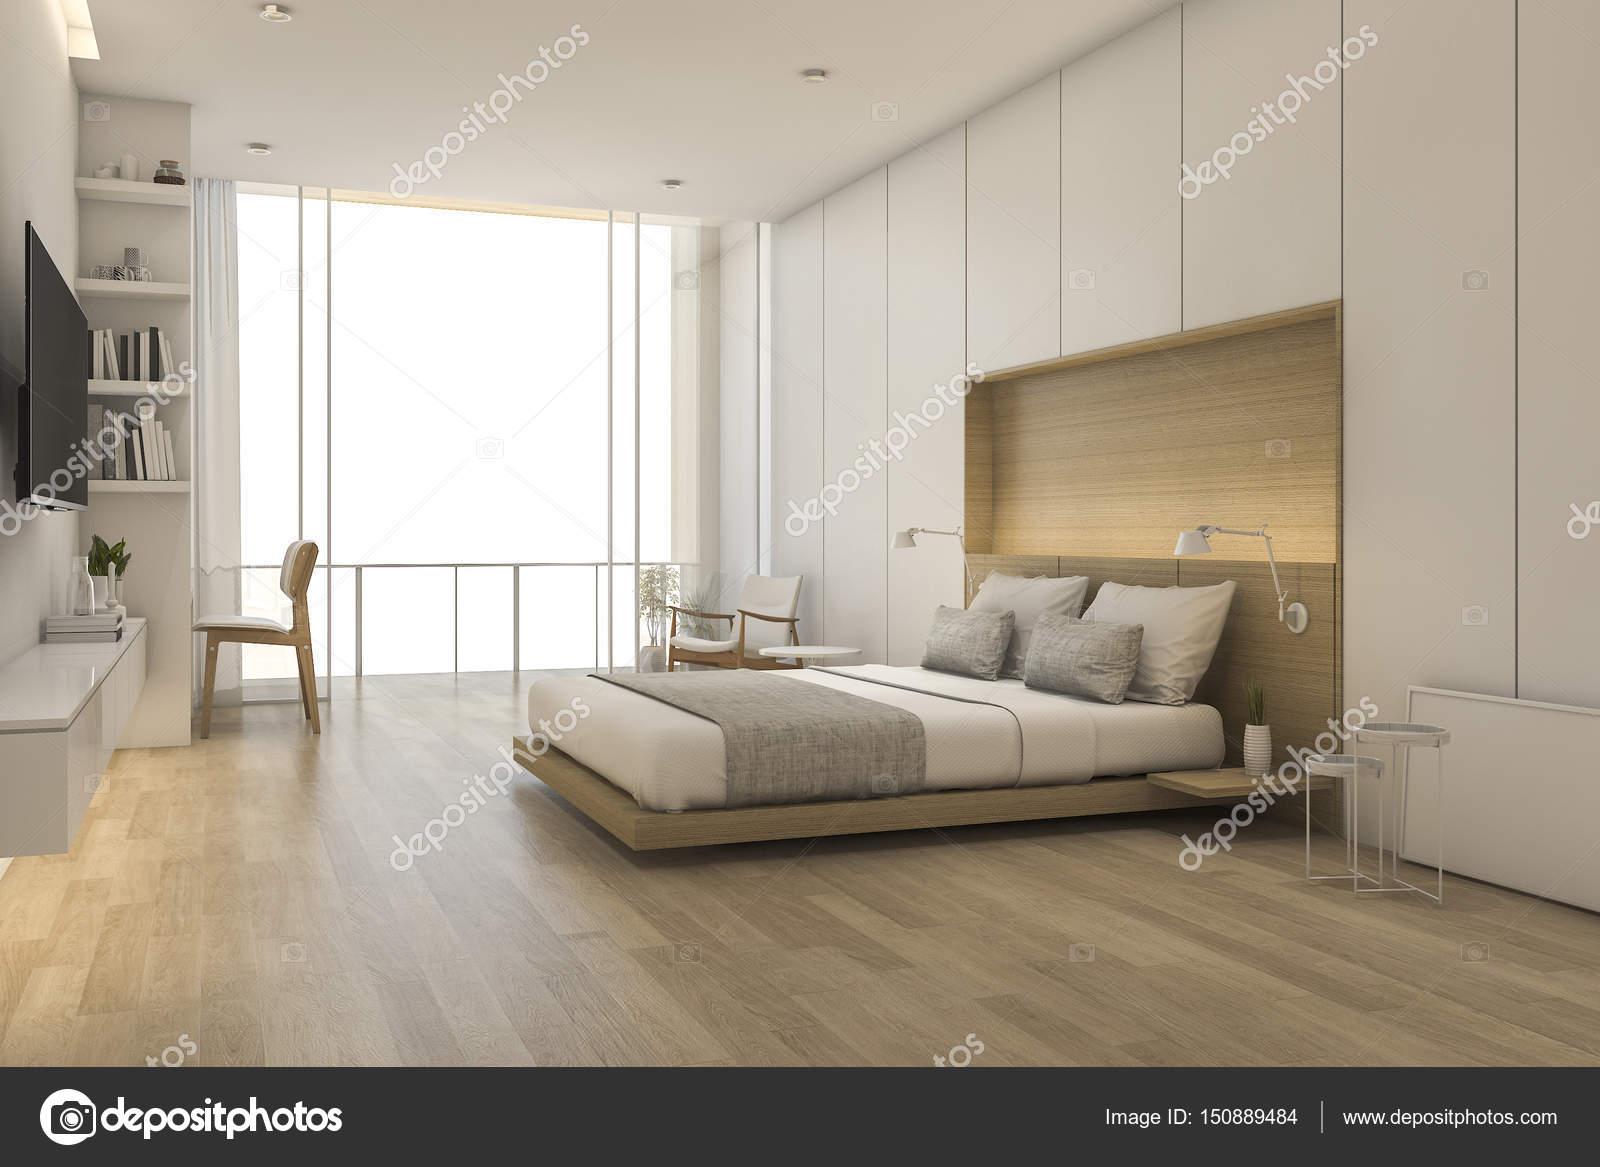 Camera Da Letto Stile Minimalista : Camera da letto in legno stile minimal a rendering d con vista